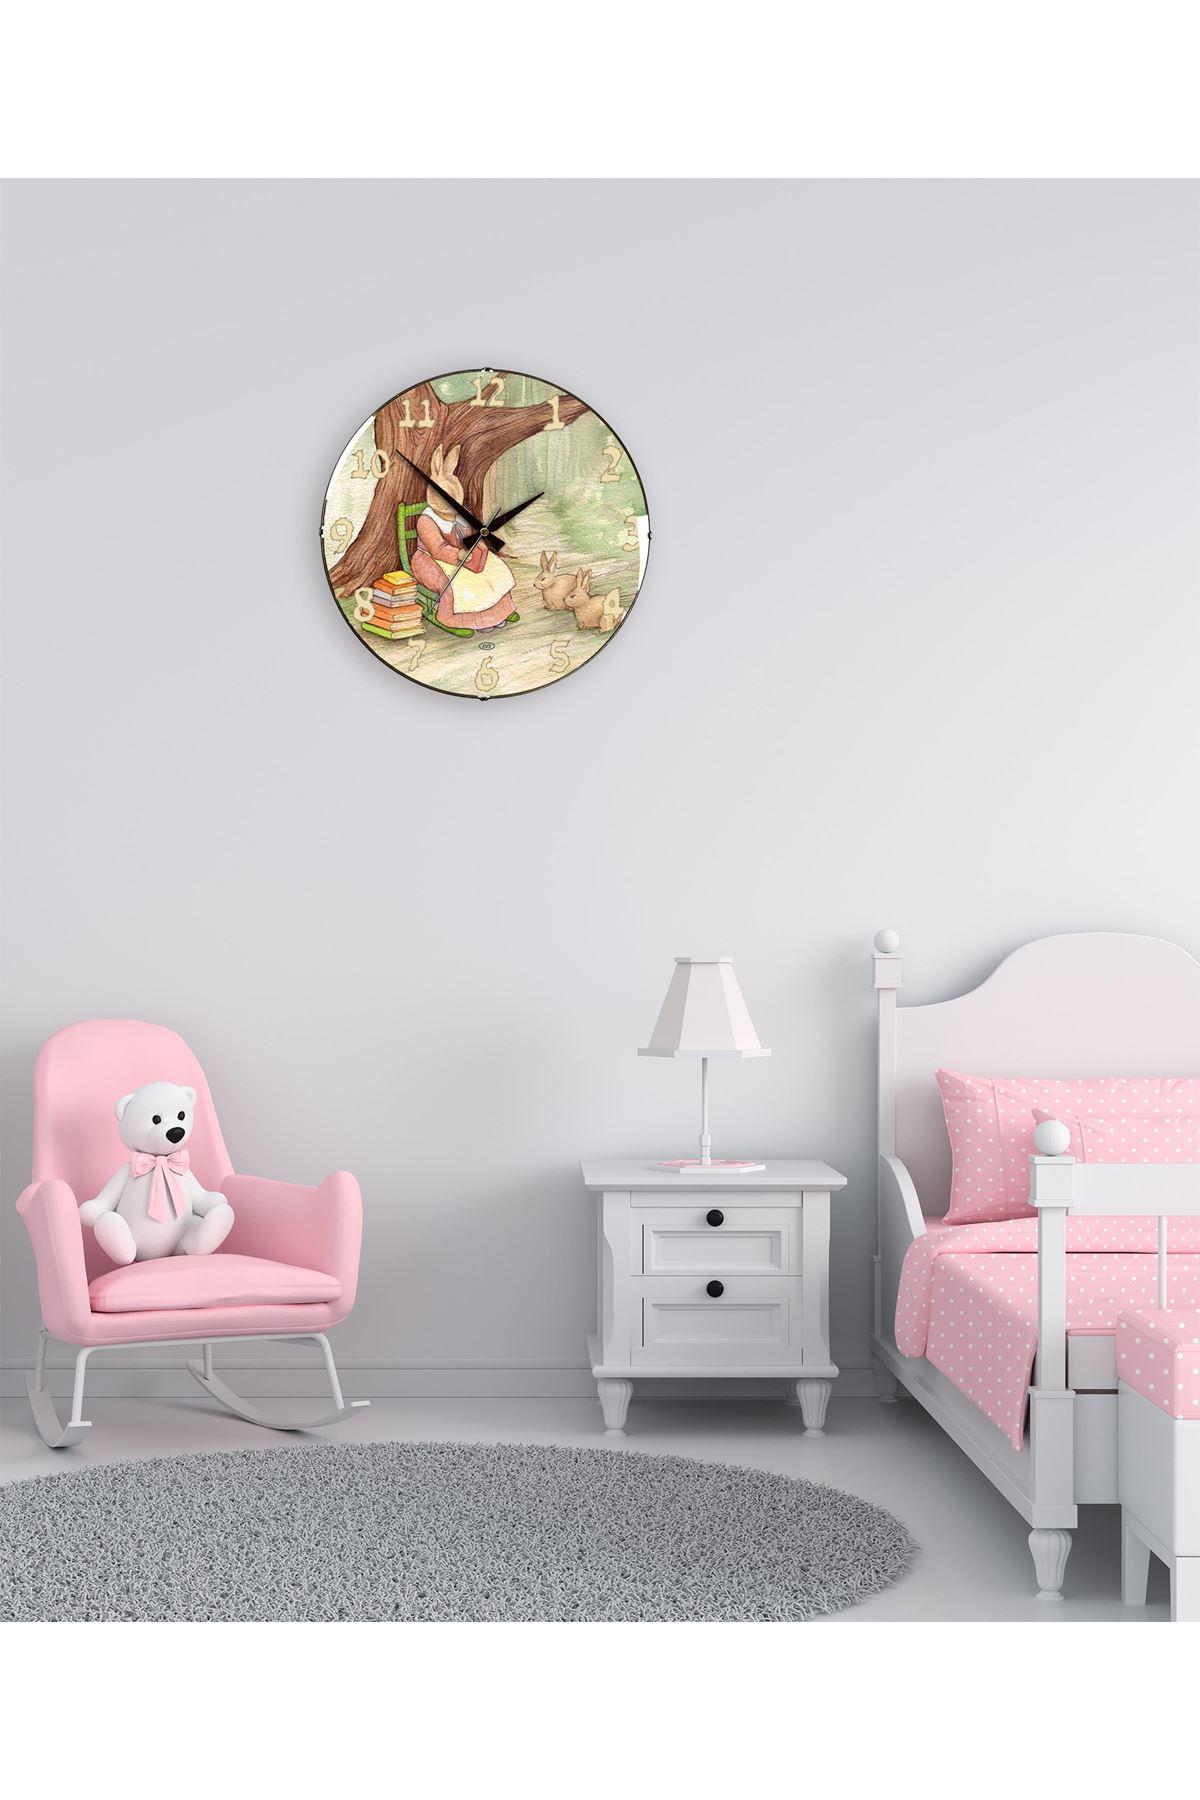 Rikon Çocuk Odası Tavşanlar Dekoratif Bombe Camlı Duvar Saati 35Cm